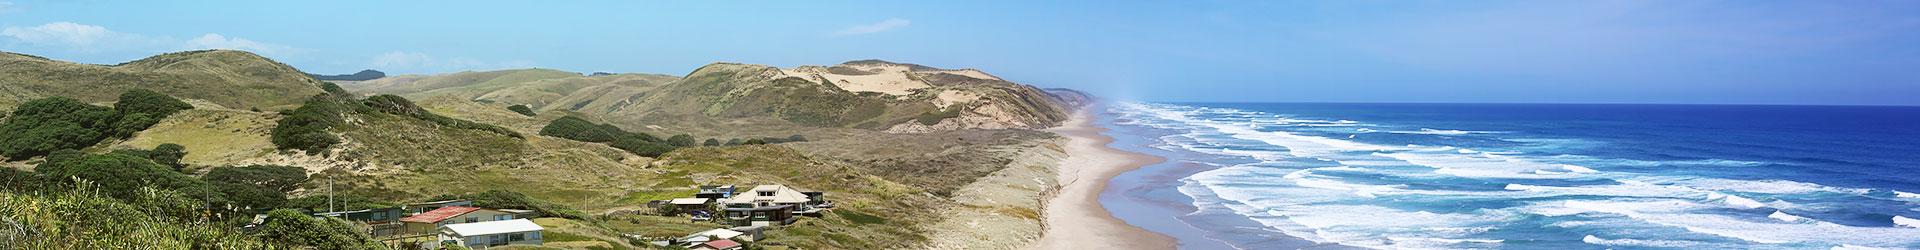 https://www.dargavillenz.com/uploads/images/beach-banner.jpg